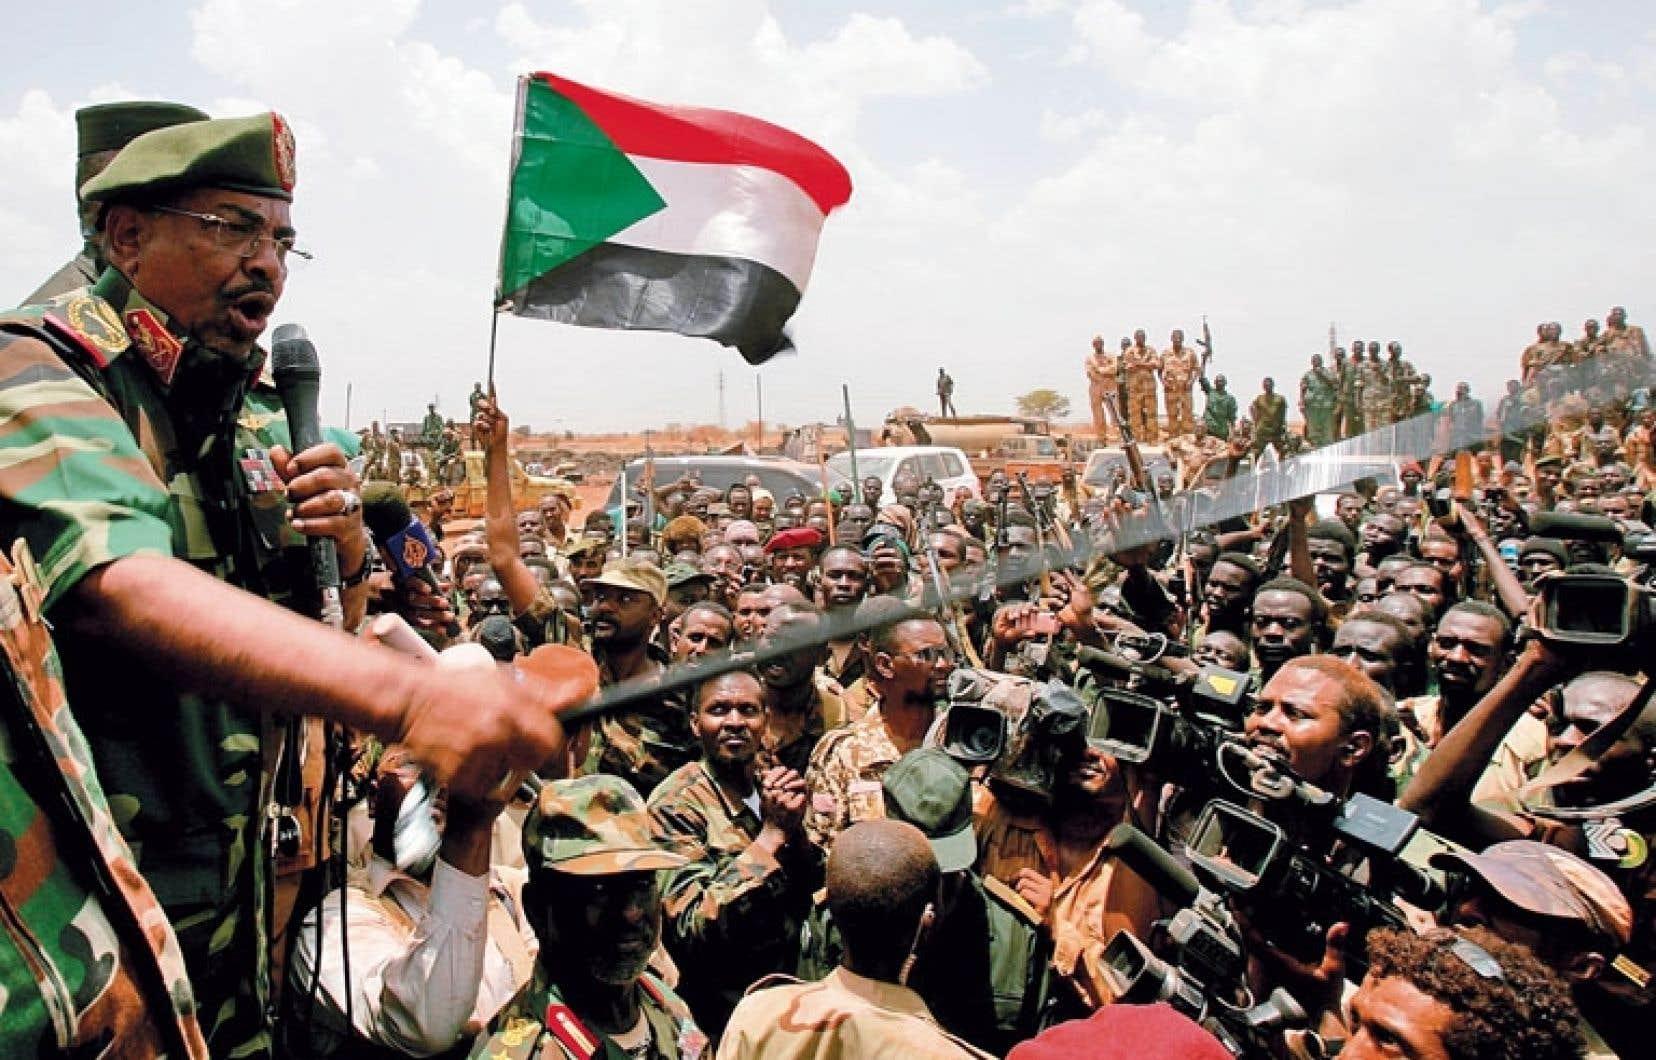 Le président soudanais, Omar el-Béchir, fait l'objet de deux mandats d'arrêt lancés par la Cour pénale internationale pour génocide et crimes contre l'humanité commis au Darfour.